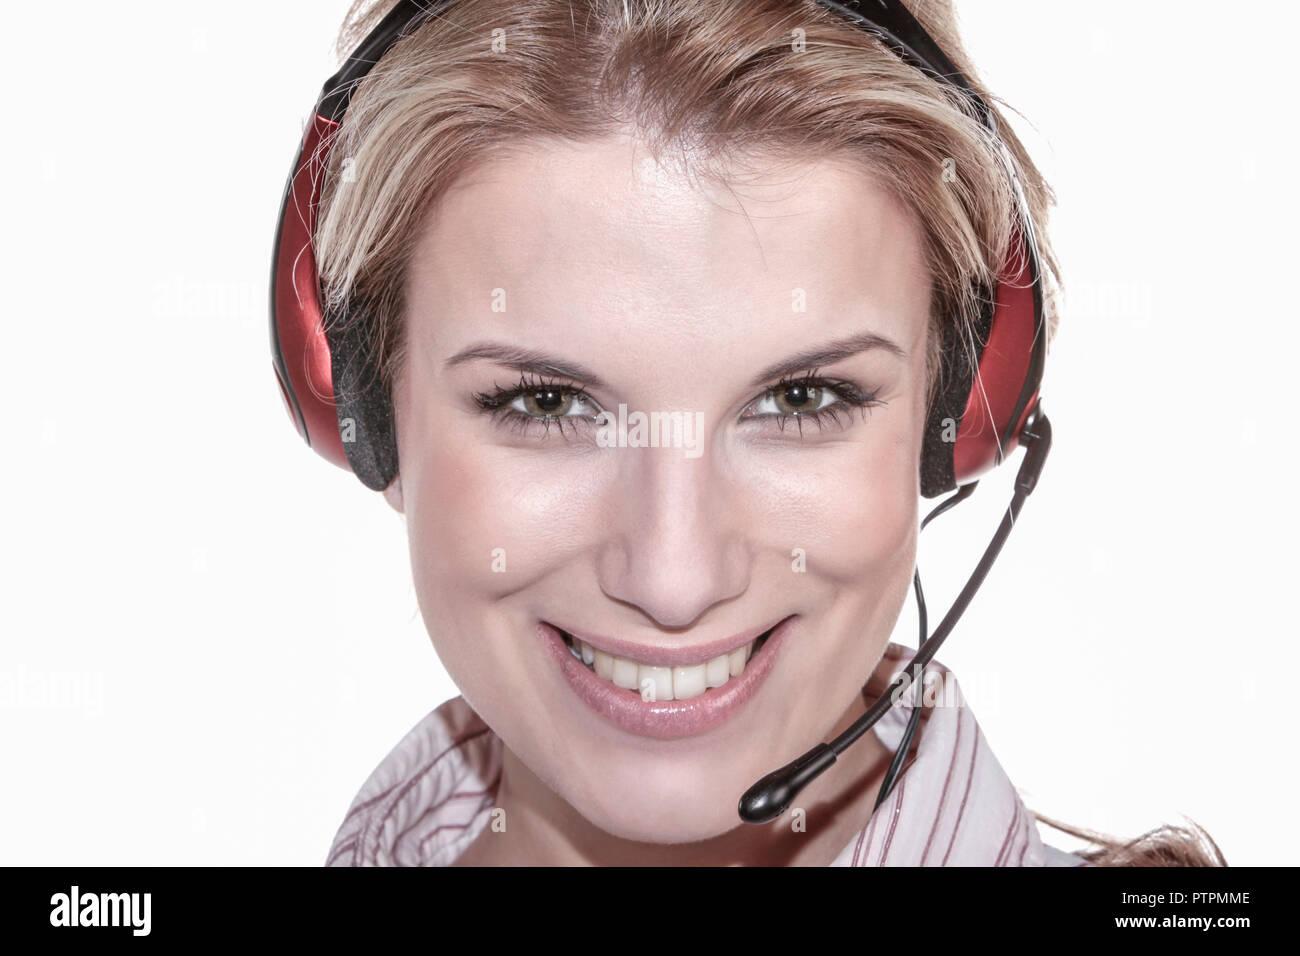 Attraktiv, beautiful, blond, business, Dienstleistungen, Erwachsen, Frau, Headphone, Headset, Kontaktperson, Kundenberatung, laechelnd, Mikrofon, oper - Stock Image